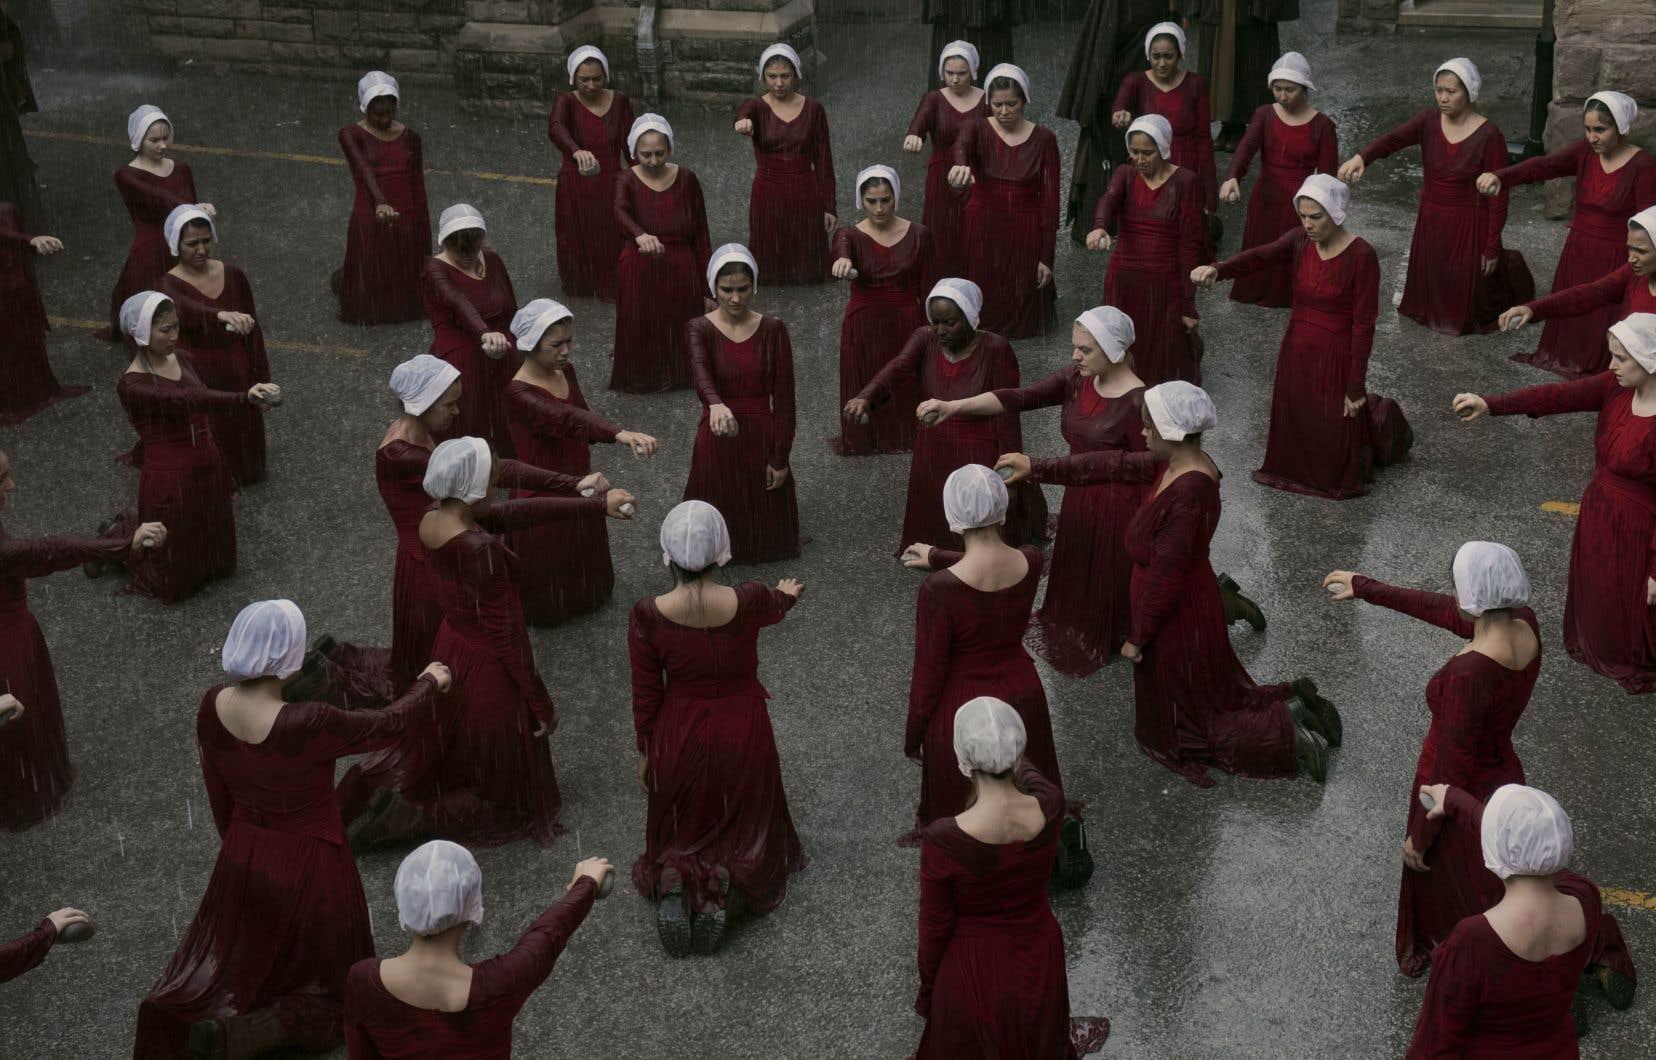 Le costume rouge porté par les femmes de la République de Gilead, qui rappelle les tenues de nonnes, s'est imposé comme un cri de ralliement aux États-Unis, en Argentine, en Irlande, en Belgique ou en Pologne.